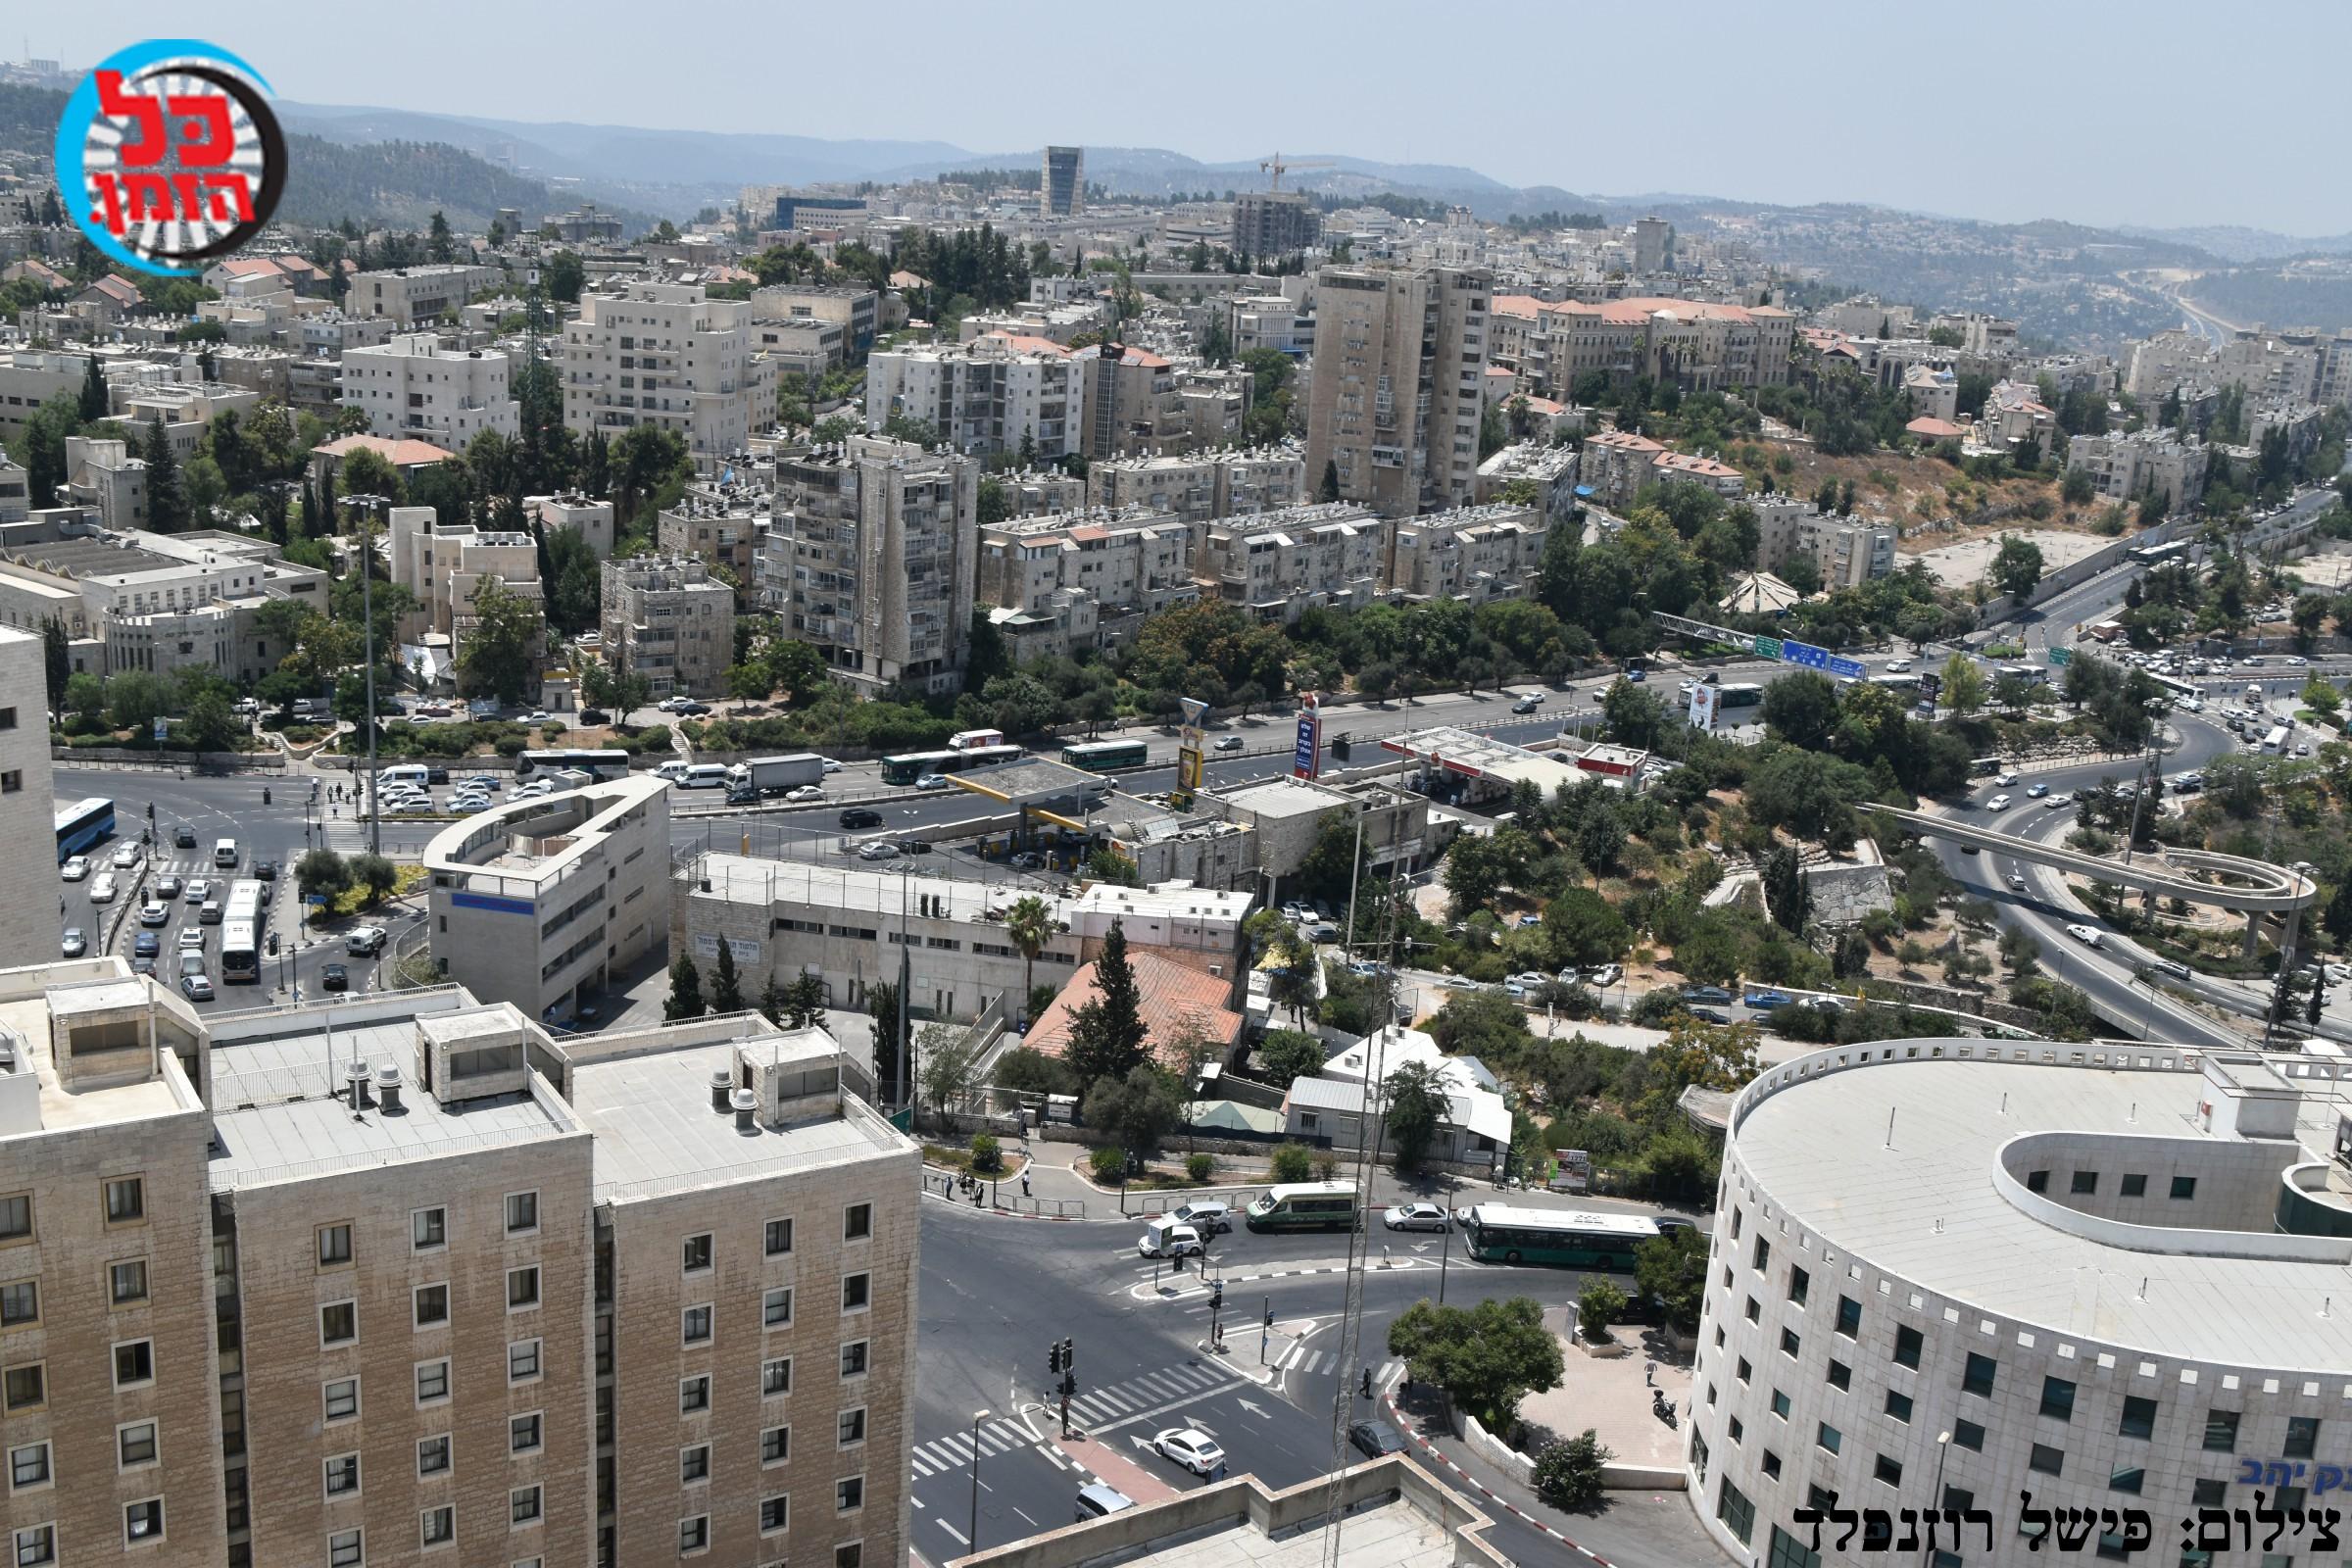 ממצעד ועד שמחת בית השואבה: חוגגים סוכות בסימן 50 שנים לאיחודה של ירושלים